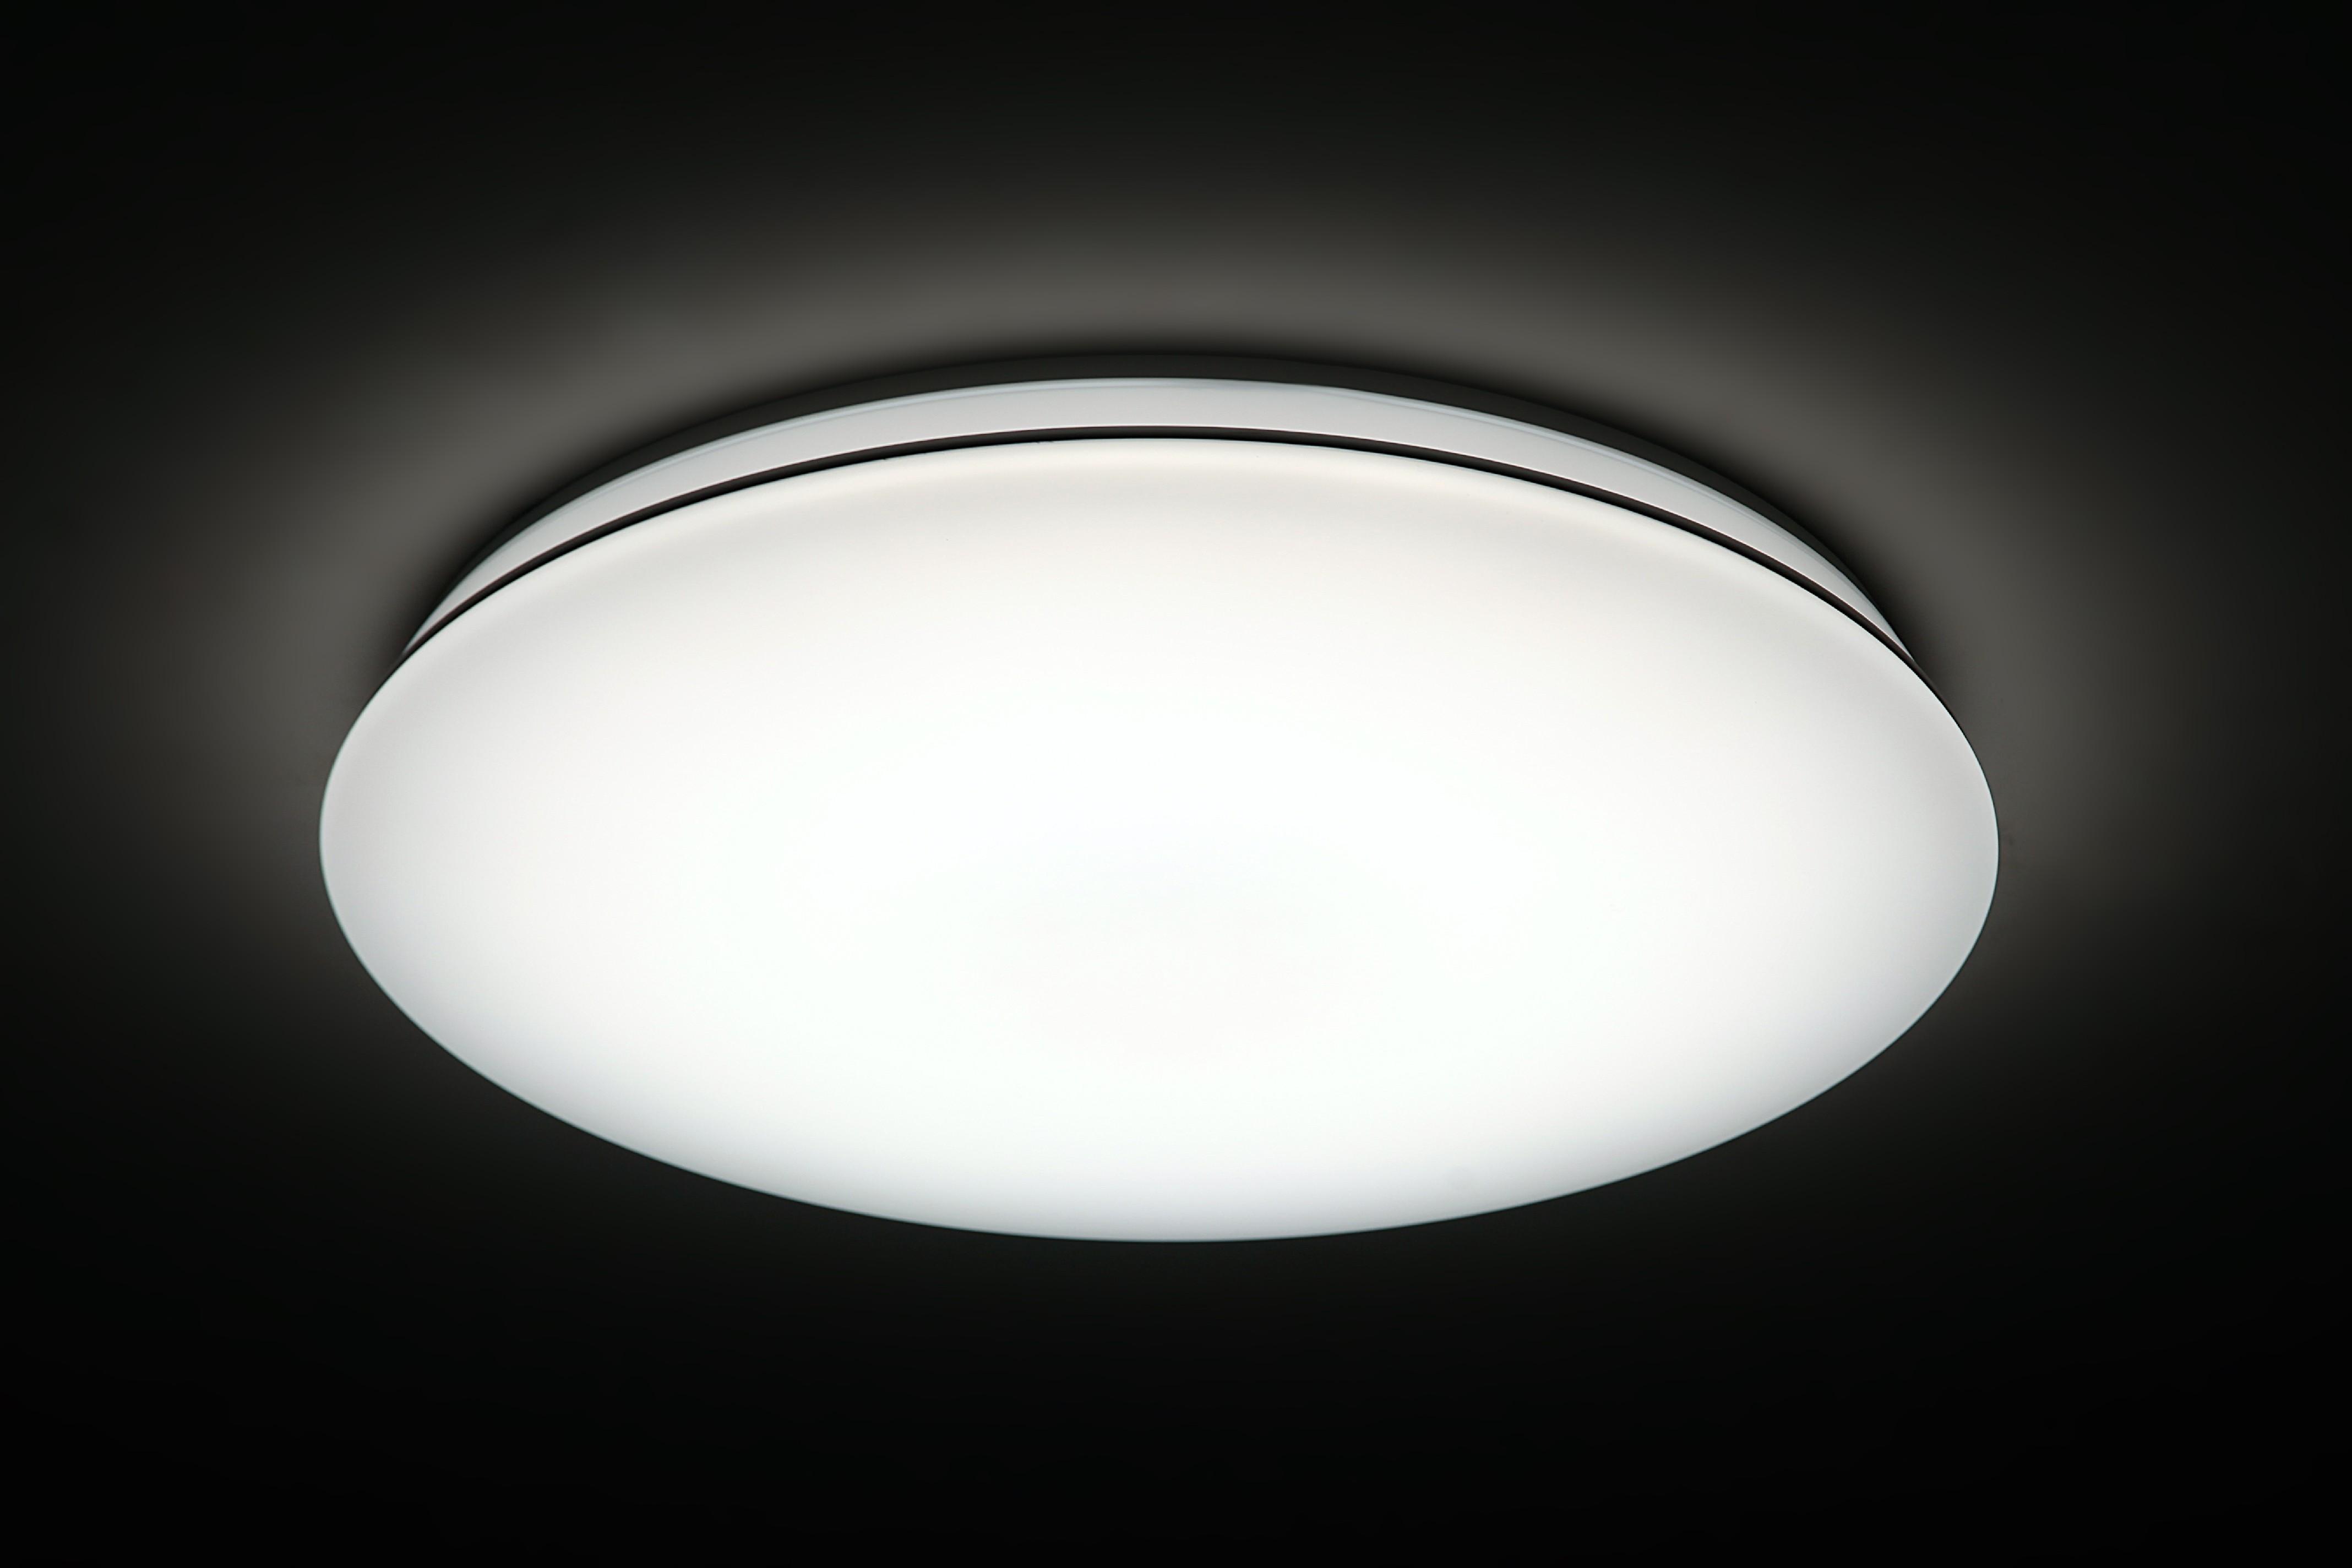 Inteligentní ECO LED svítidlo - Dalen DL-S28T + PowerCube Original - 5 x zásuvka (různé barvy)